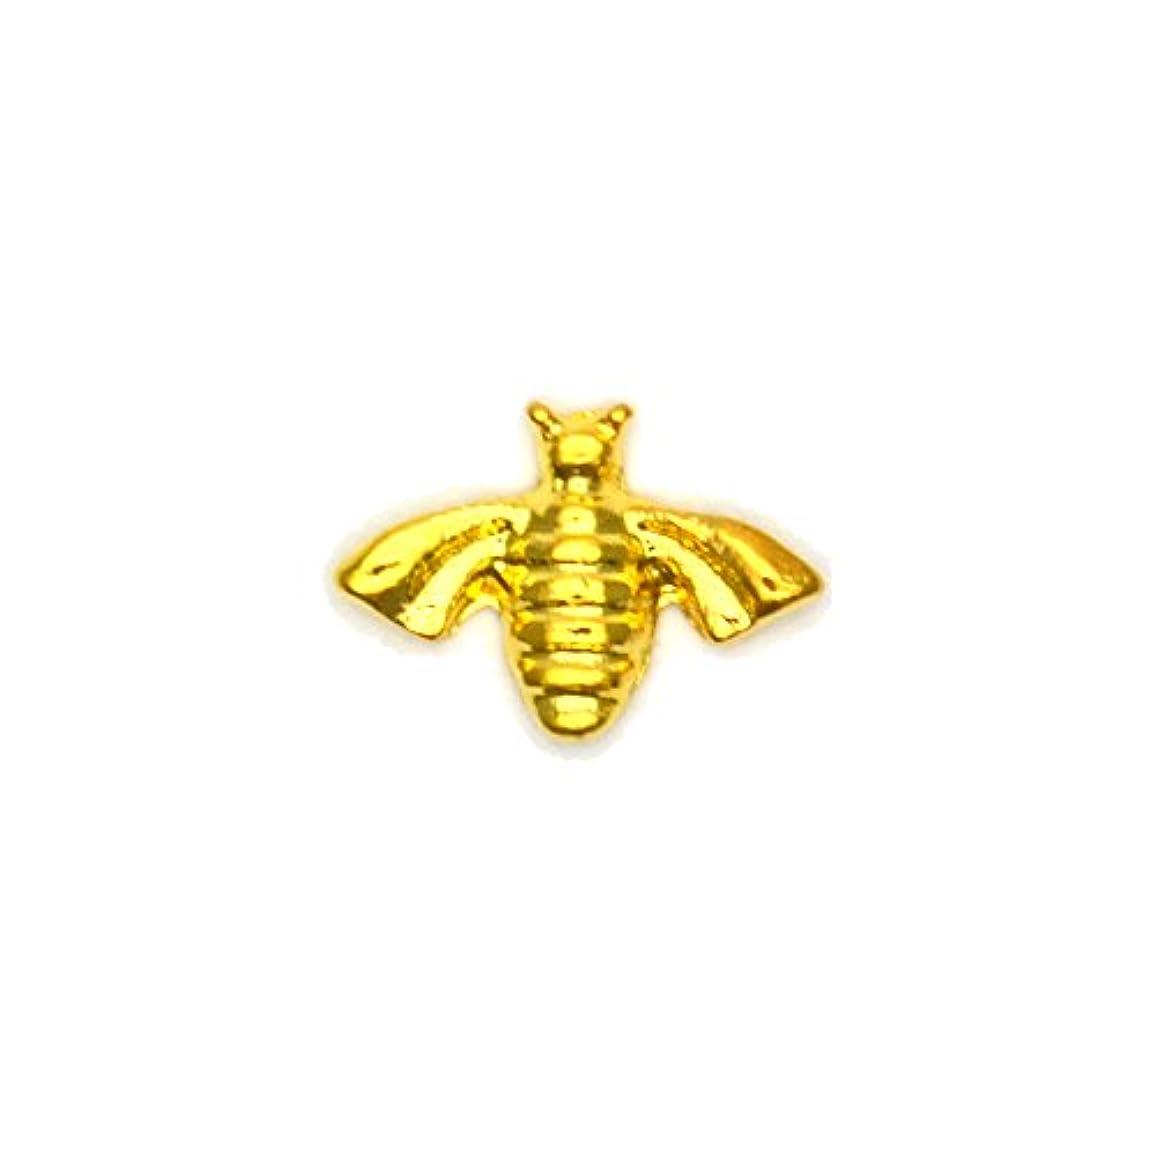 内向き推測地域メタルパーツ ミツバチパーツ ゴールド 4個入 蜂 ミツバチ ハニービー